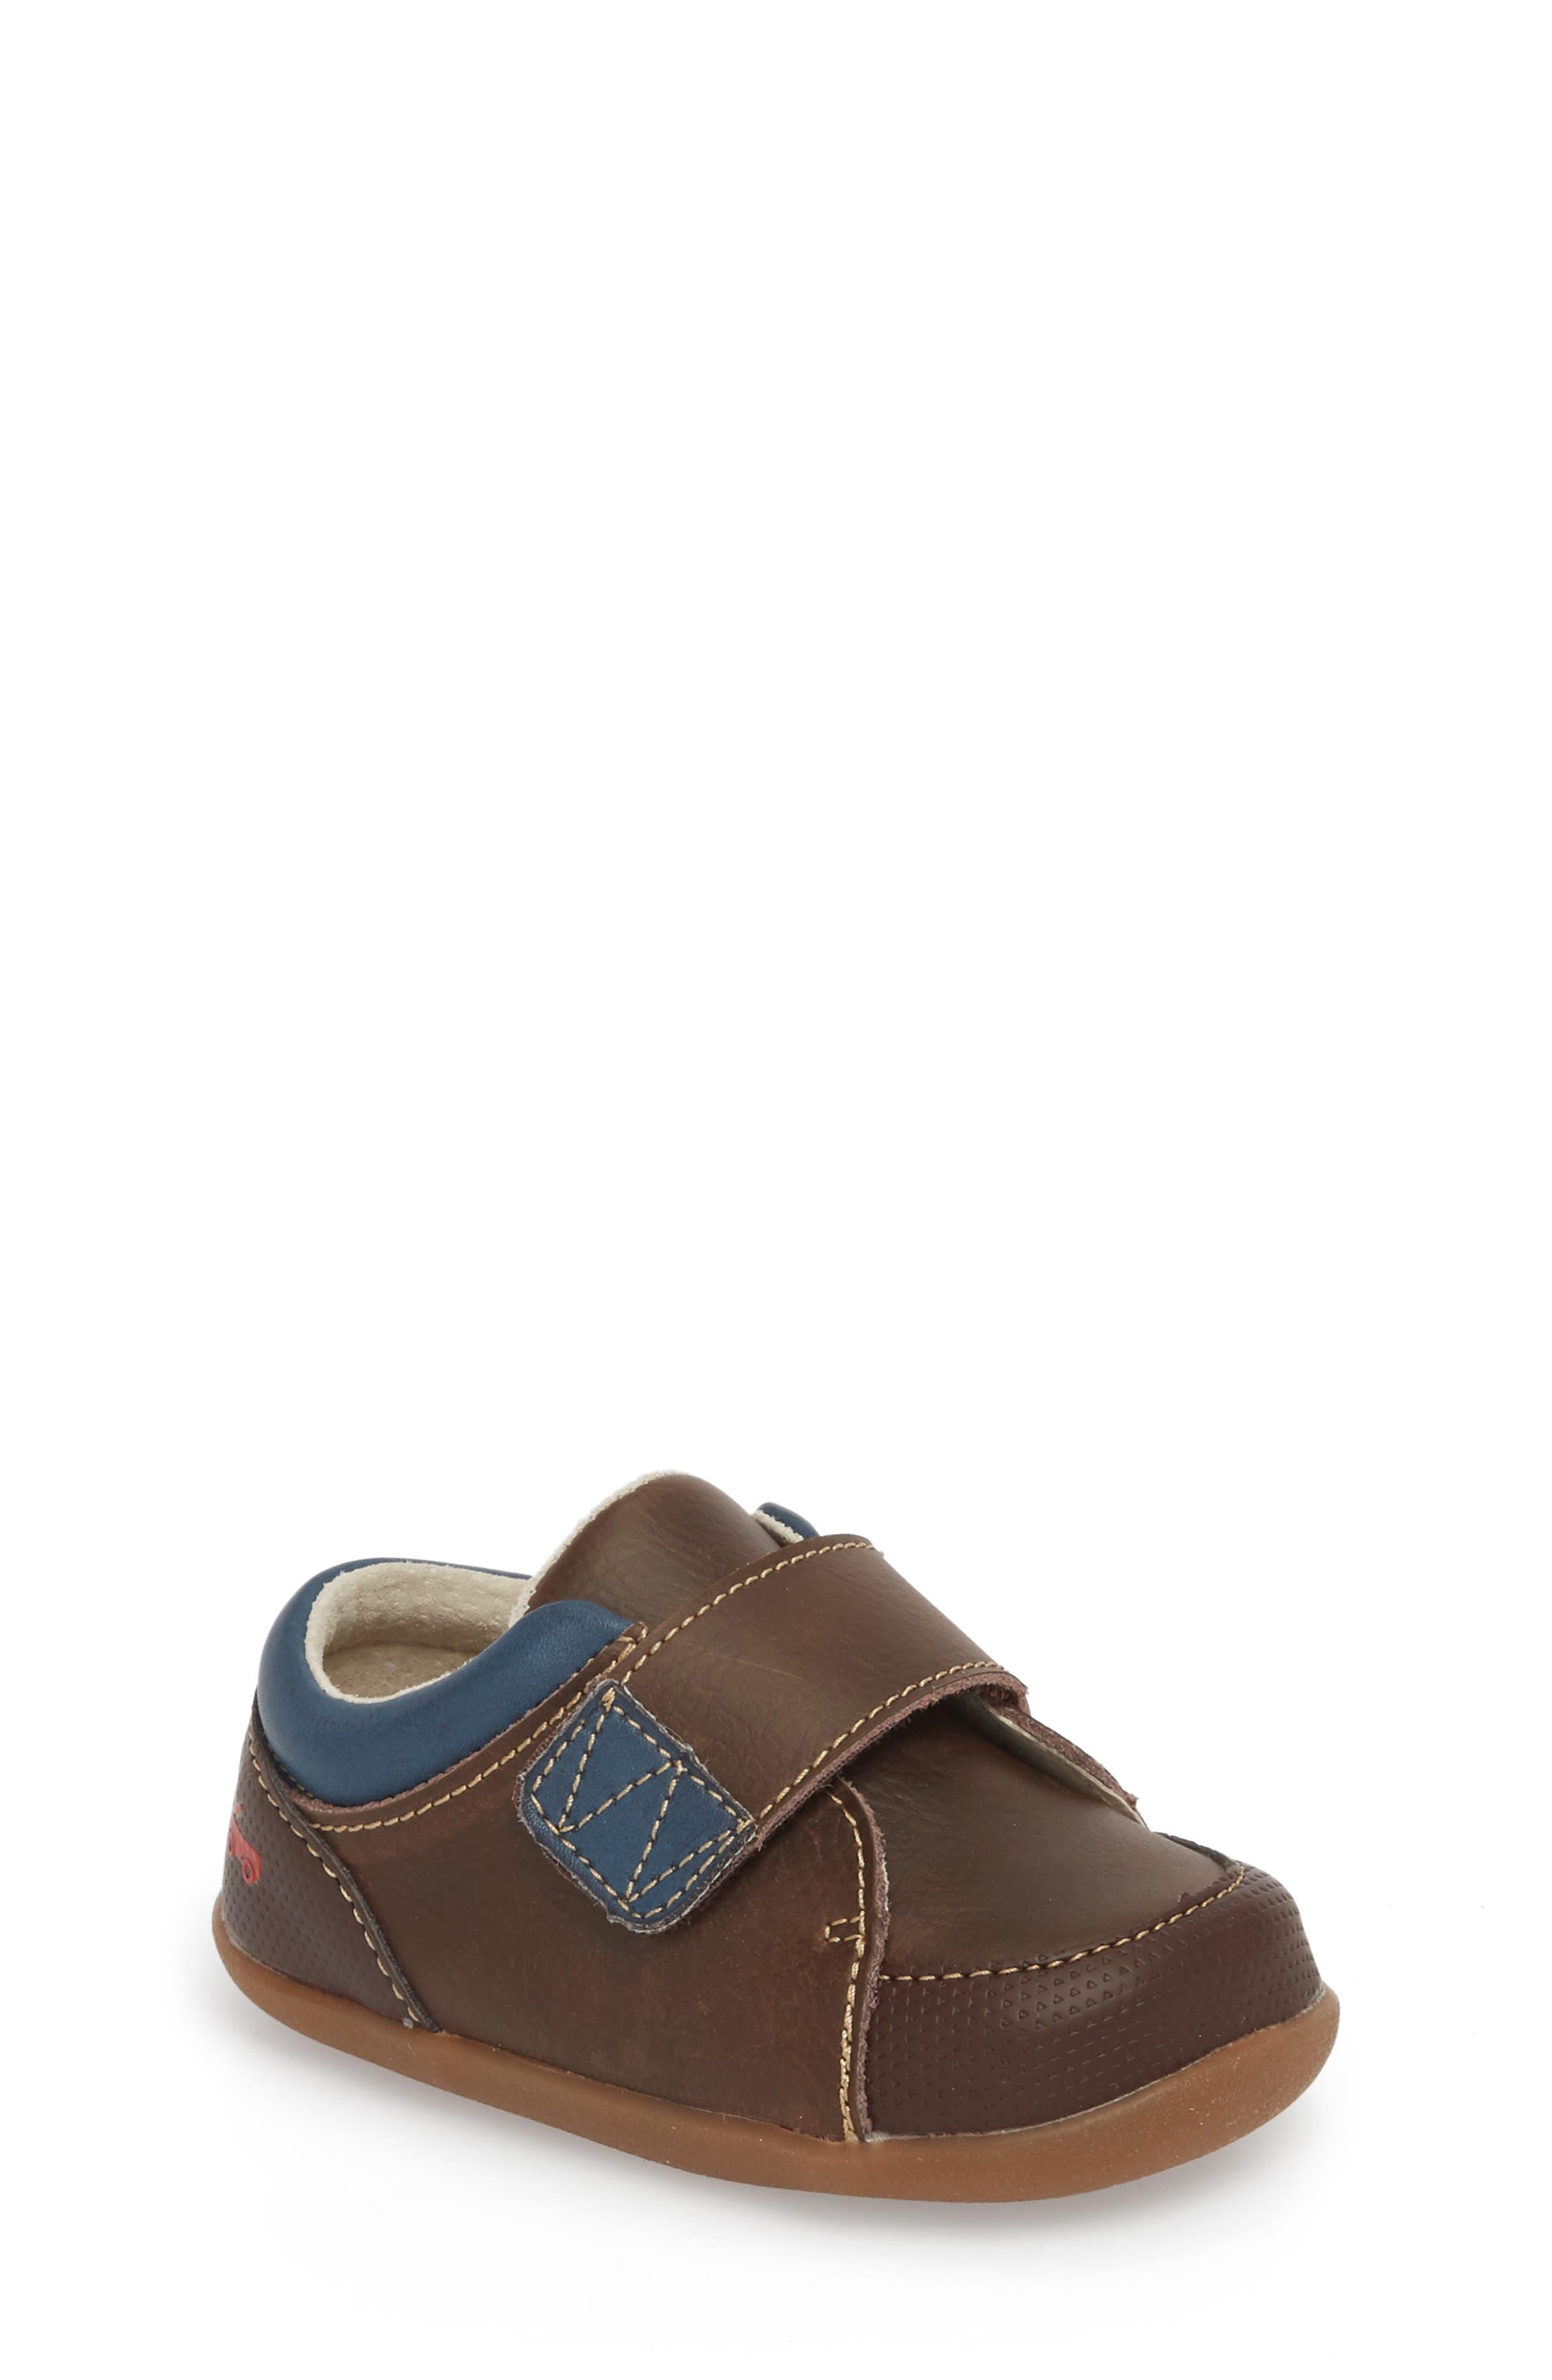 Graham Sneaker,                             Main thumbnail 1, color,                             BROWN